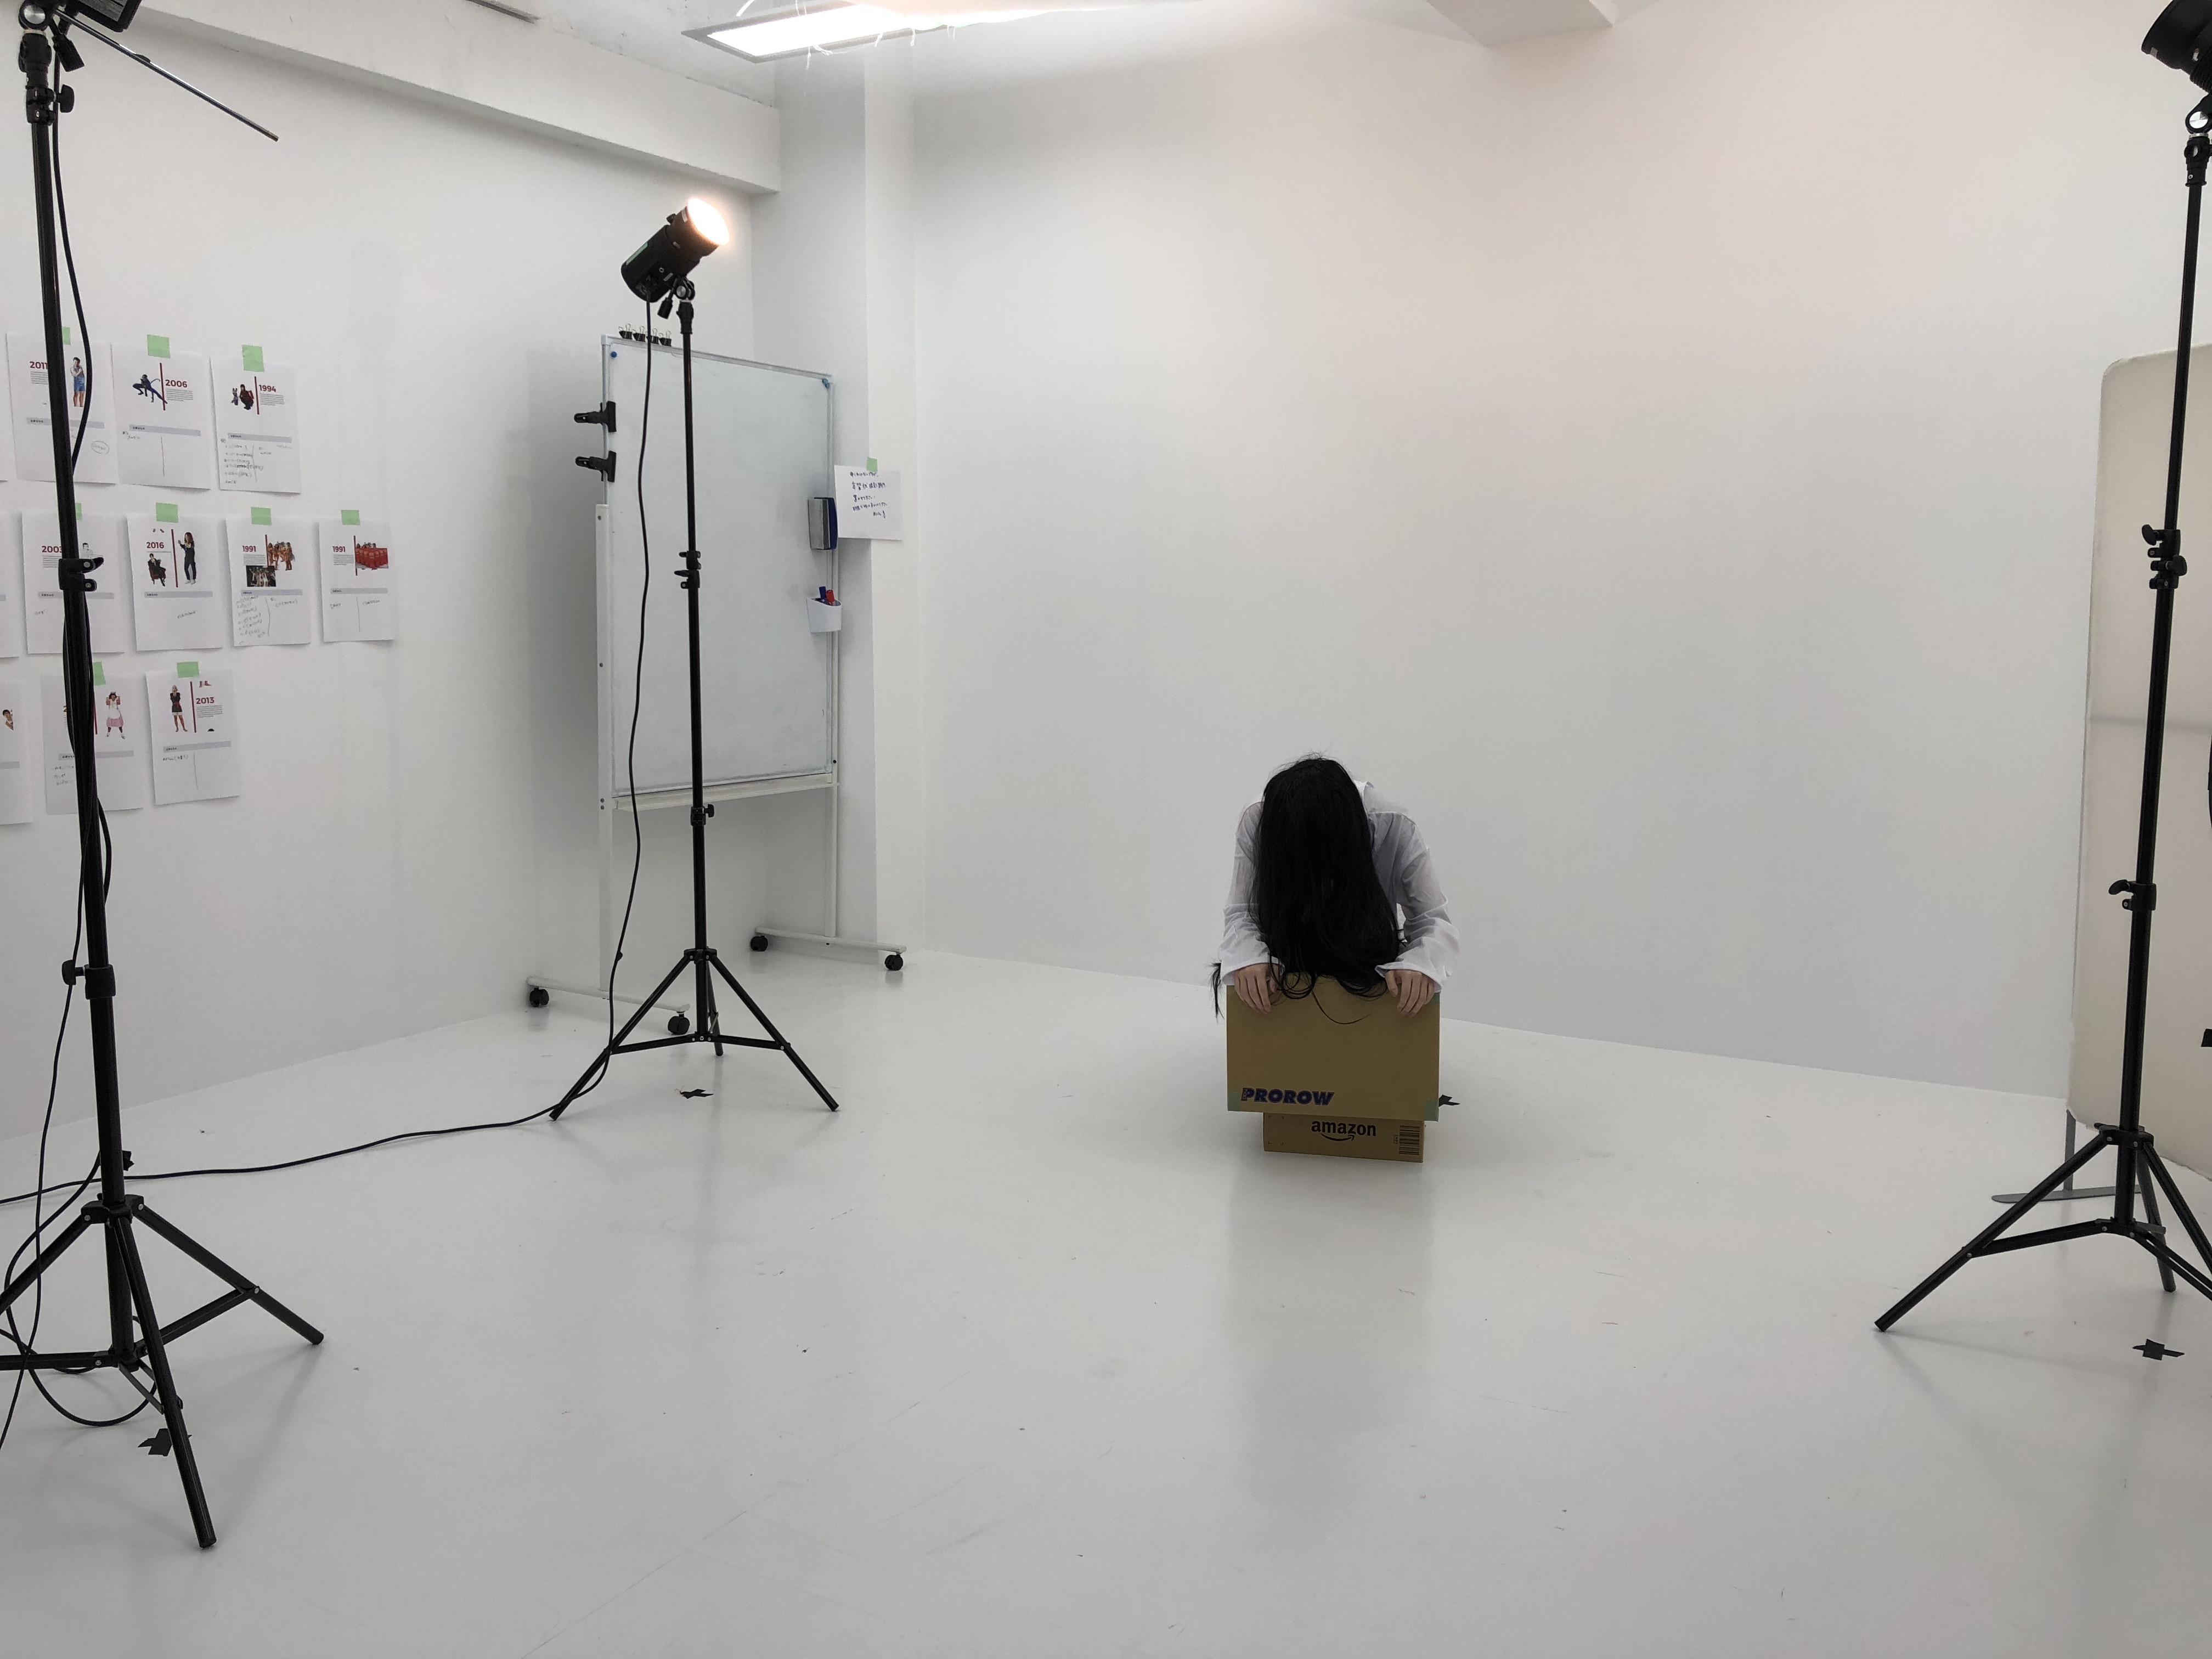 貞子の格好をしているまこりーぬさんの撮影現場の写真